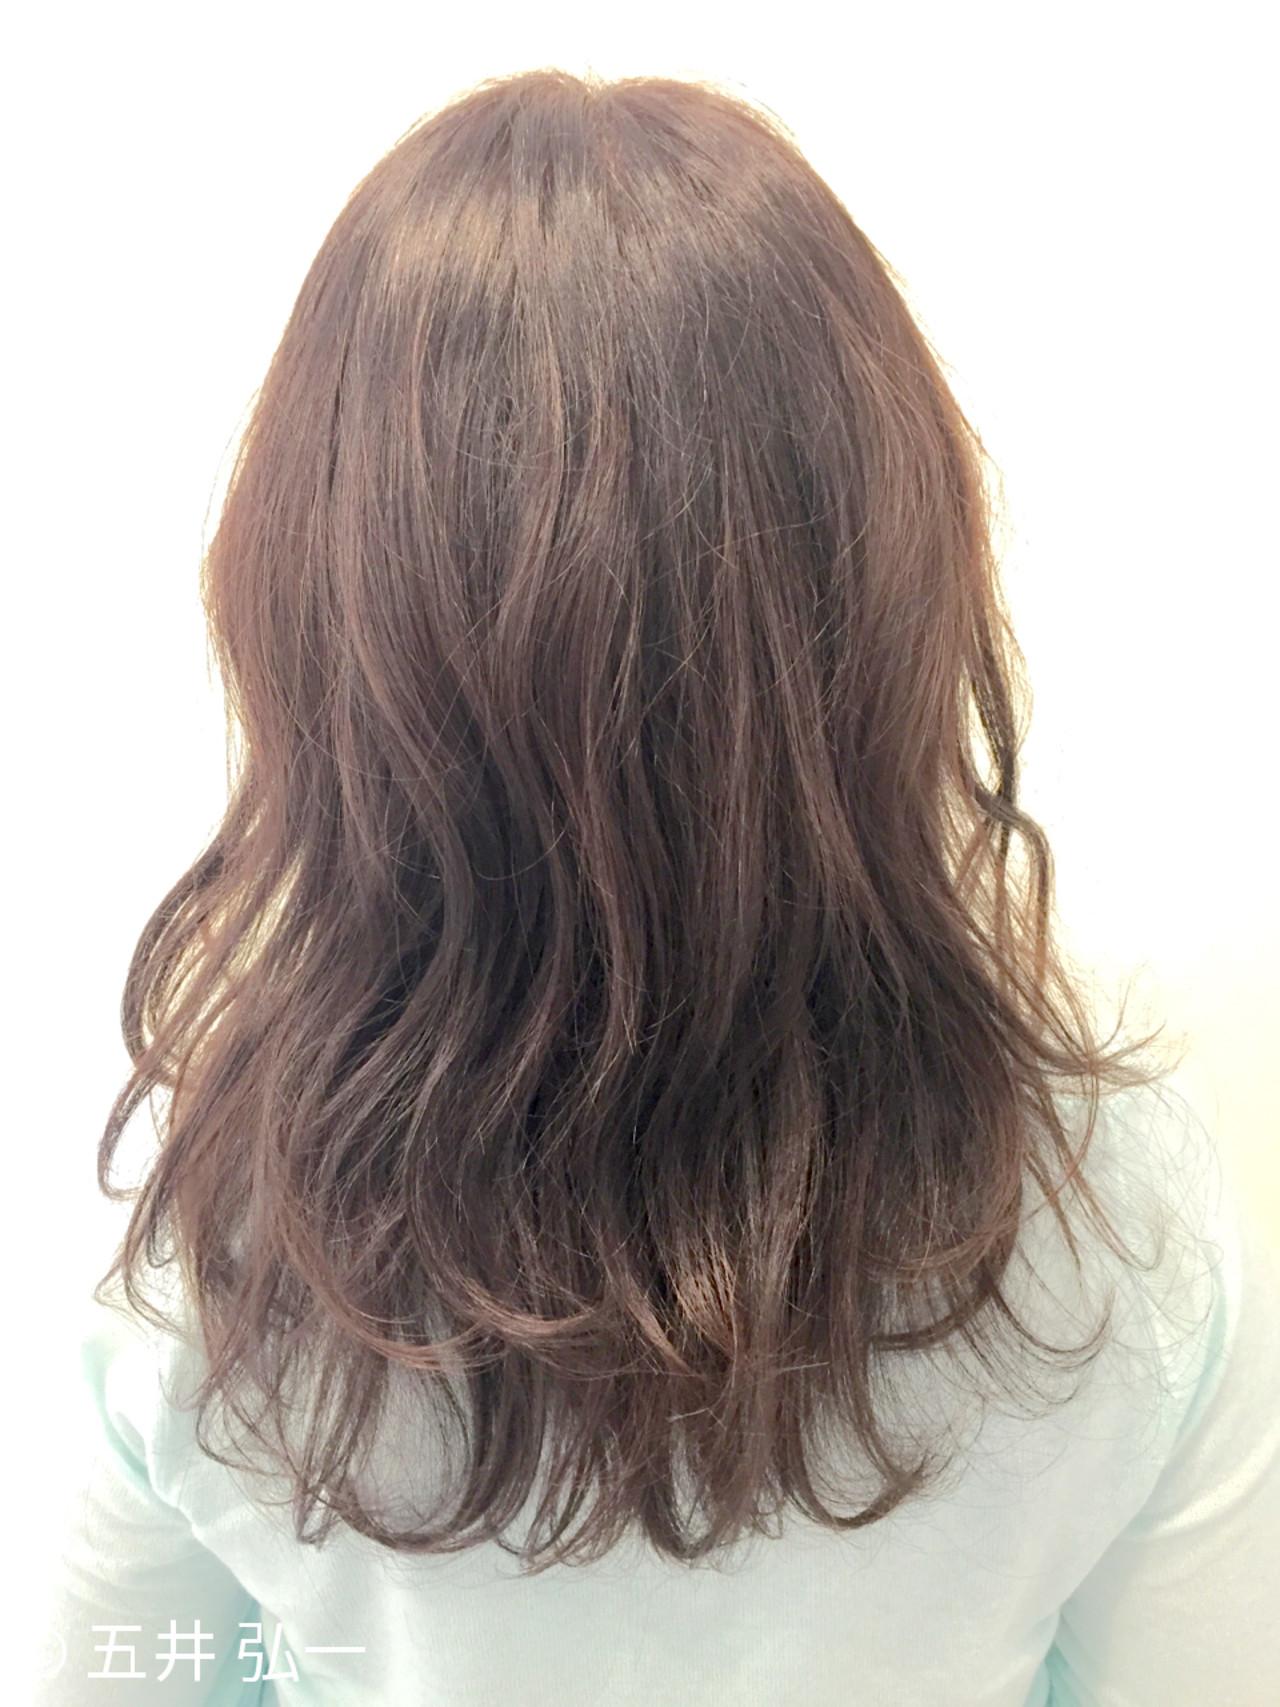 外国人風 ストリート ローライト ブラウン ヘアスタイルや髪型の写真・画像 | 五井 弘一/札幌 / ネオンズ 札幌駅JR55ビル店